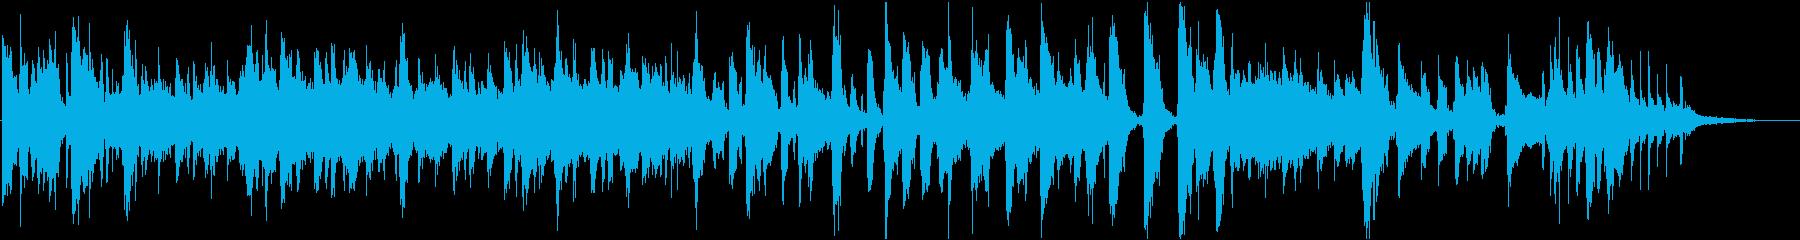 鮎をテーマにした楽曲の再生済みの波形